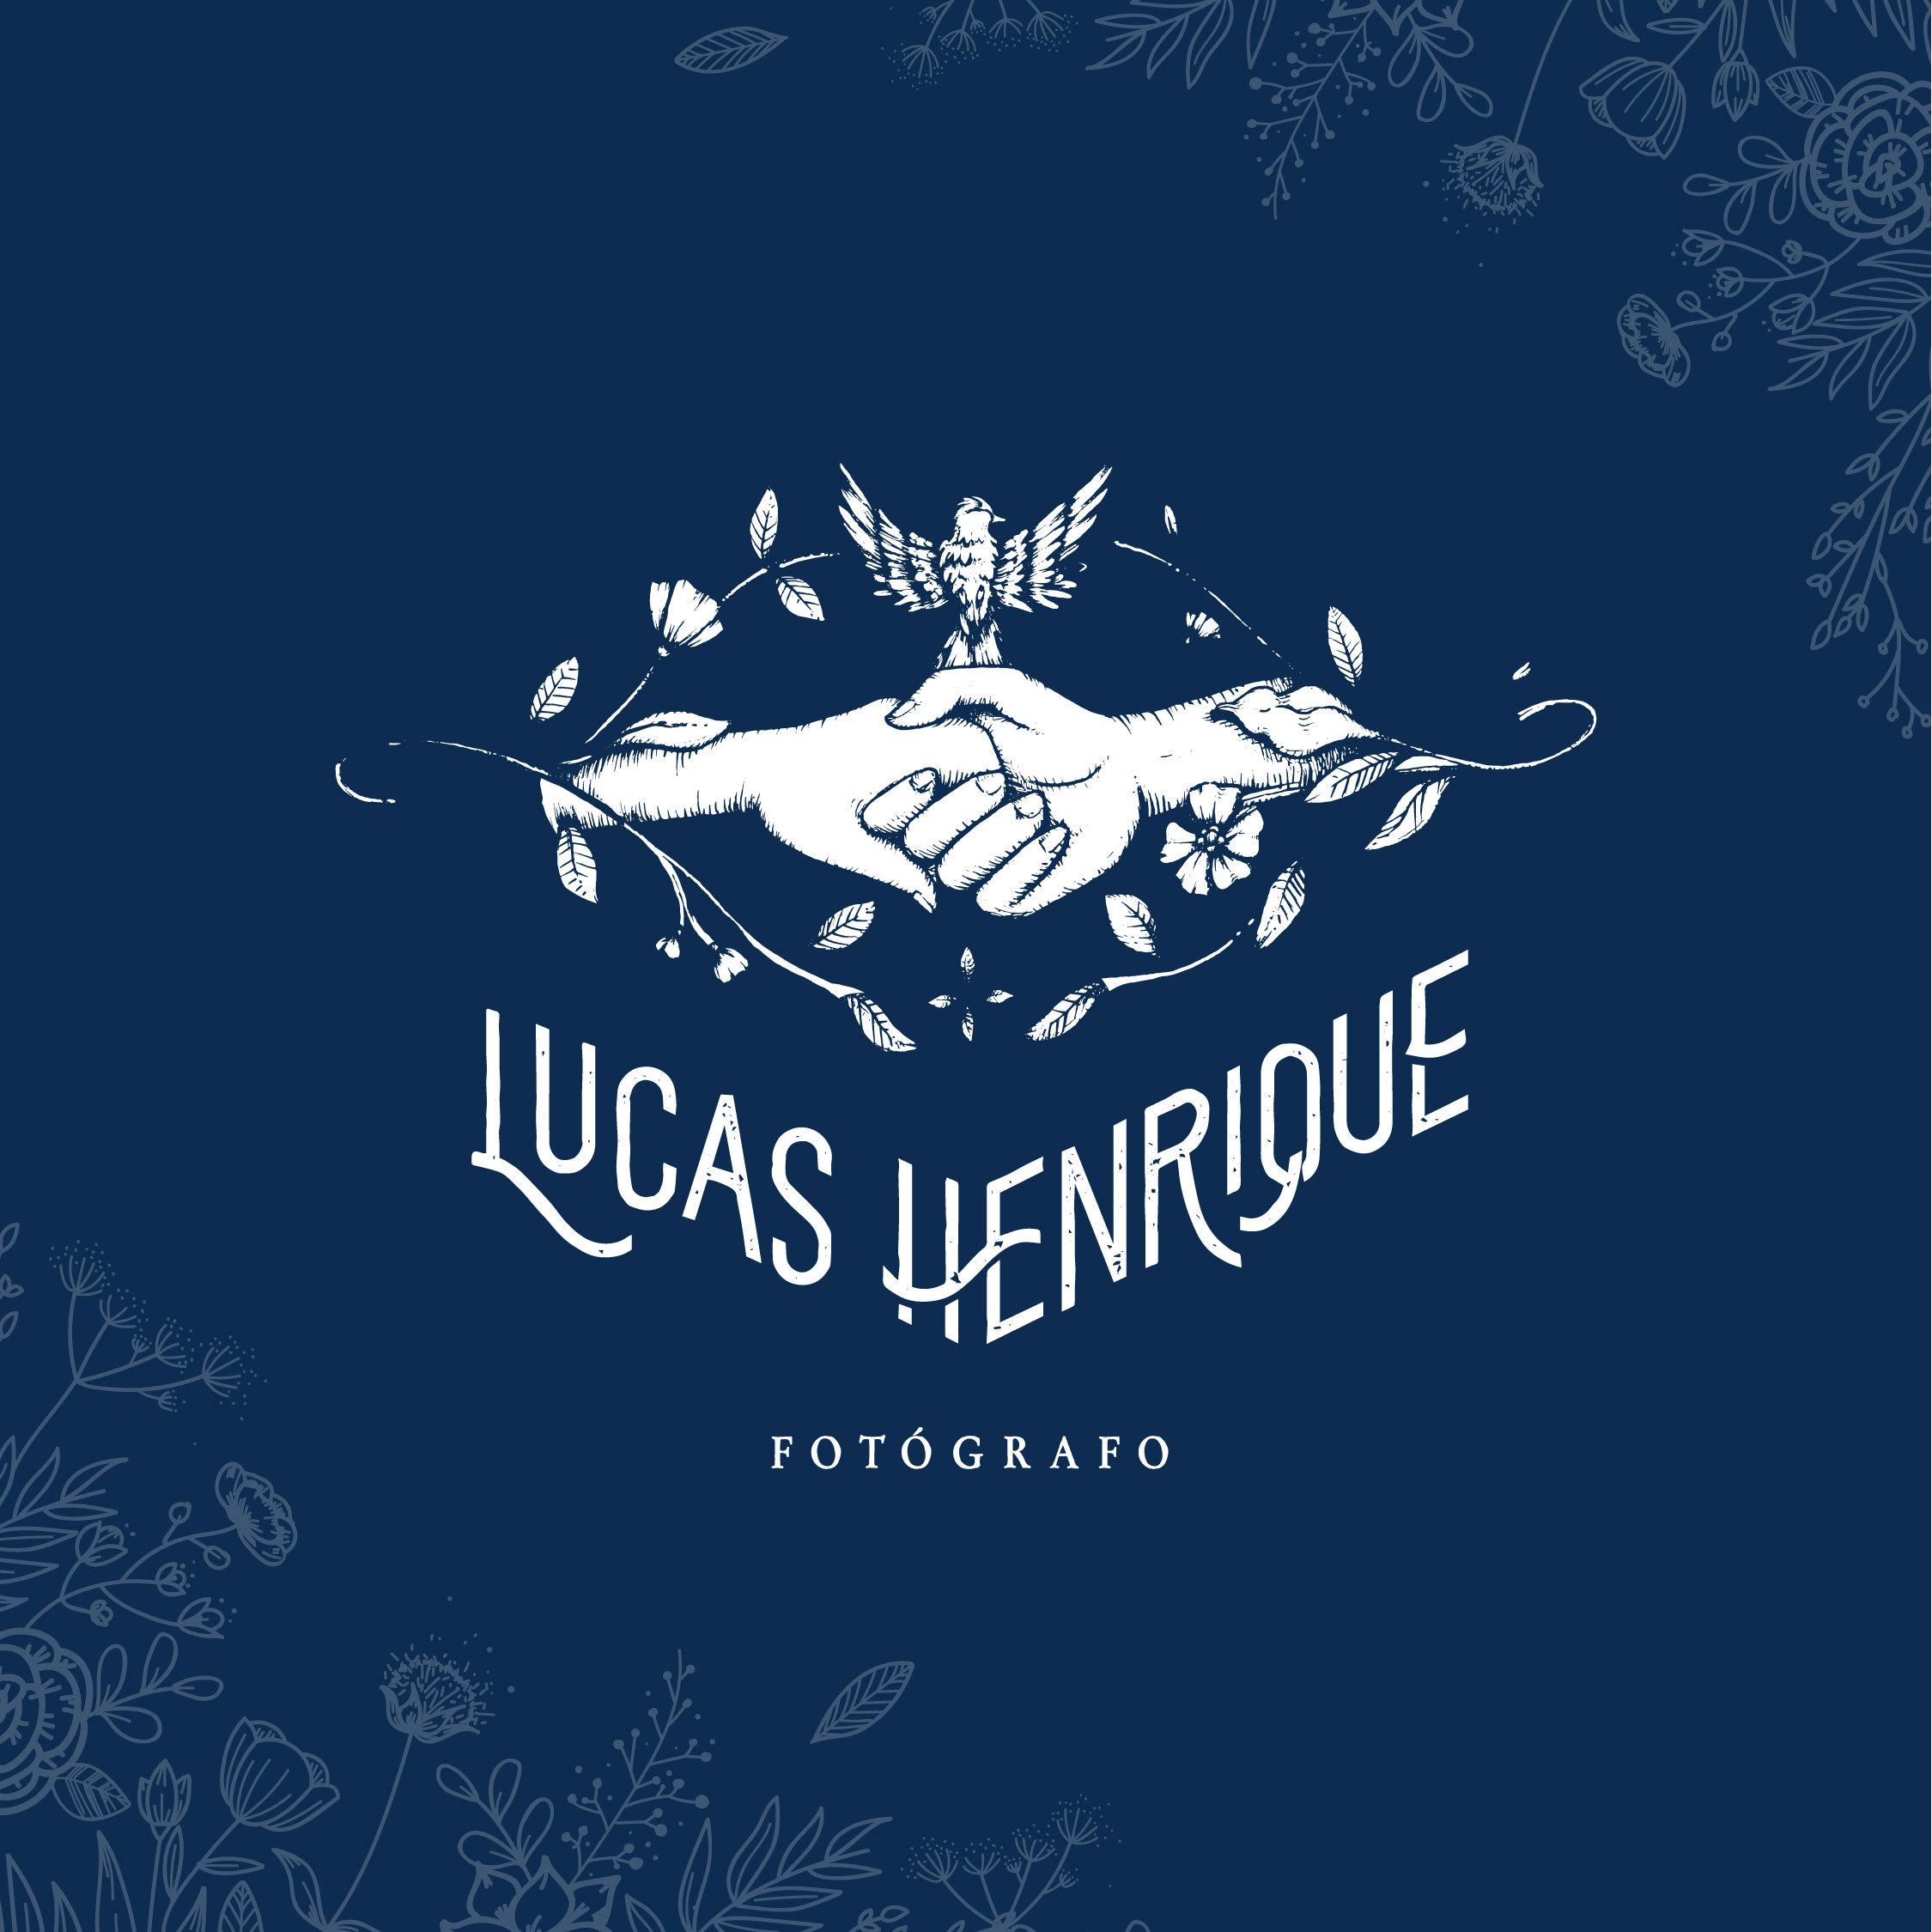 Contate Fotografo de Casamento Belo Horizonte - Lucas Henrique Fotografia BH/MG